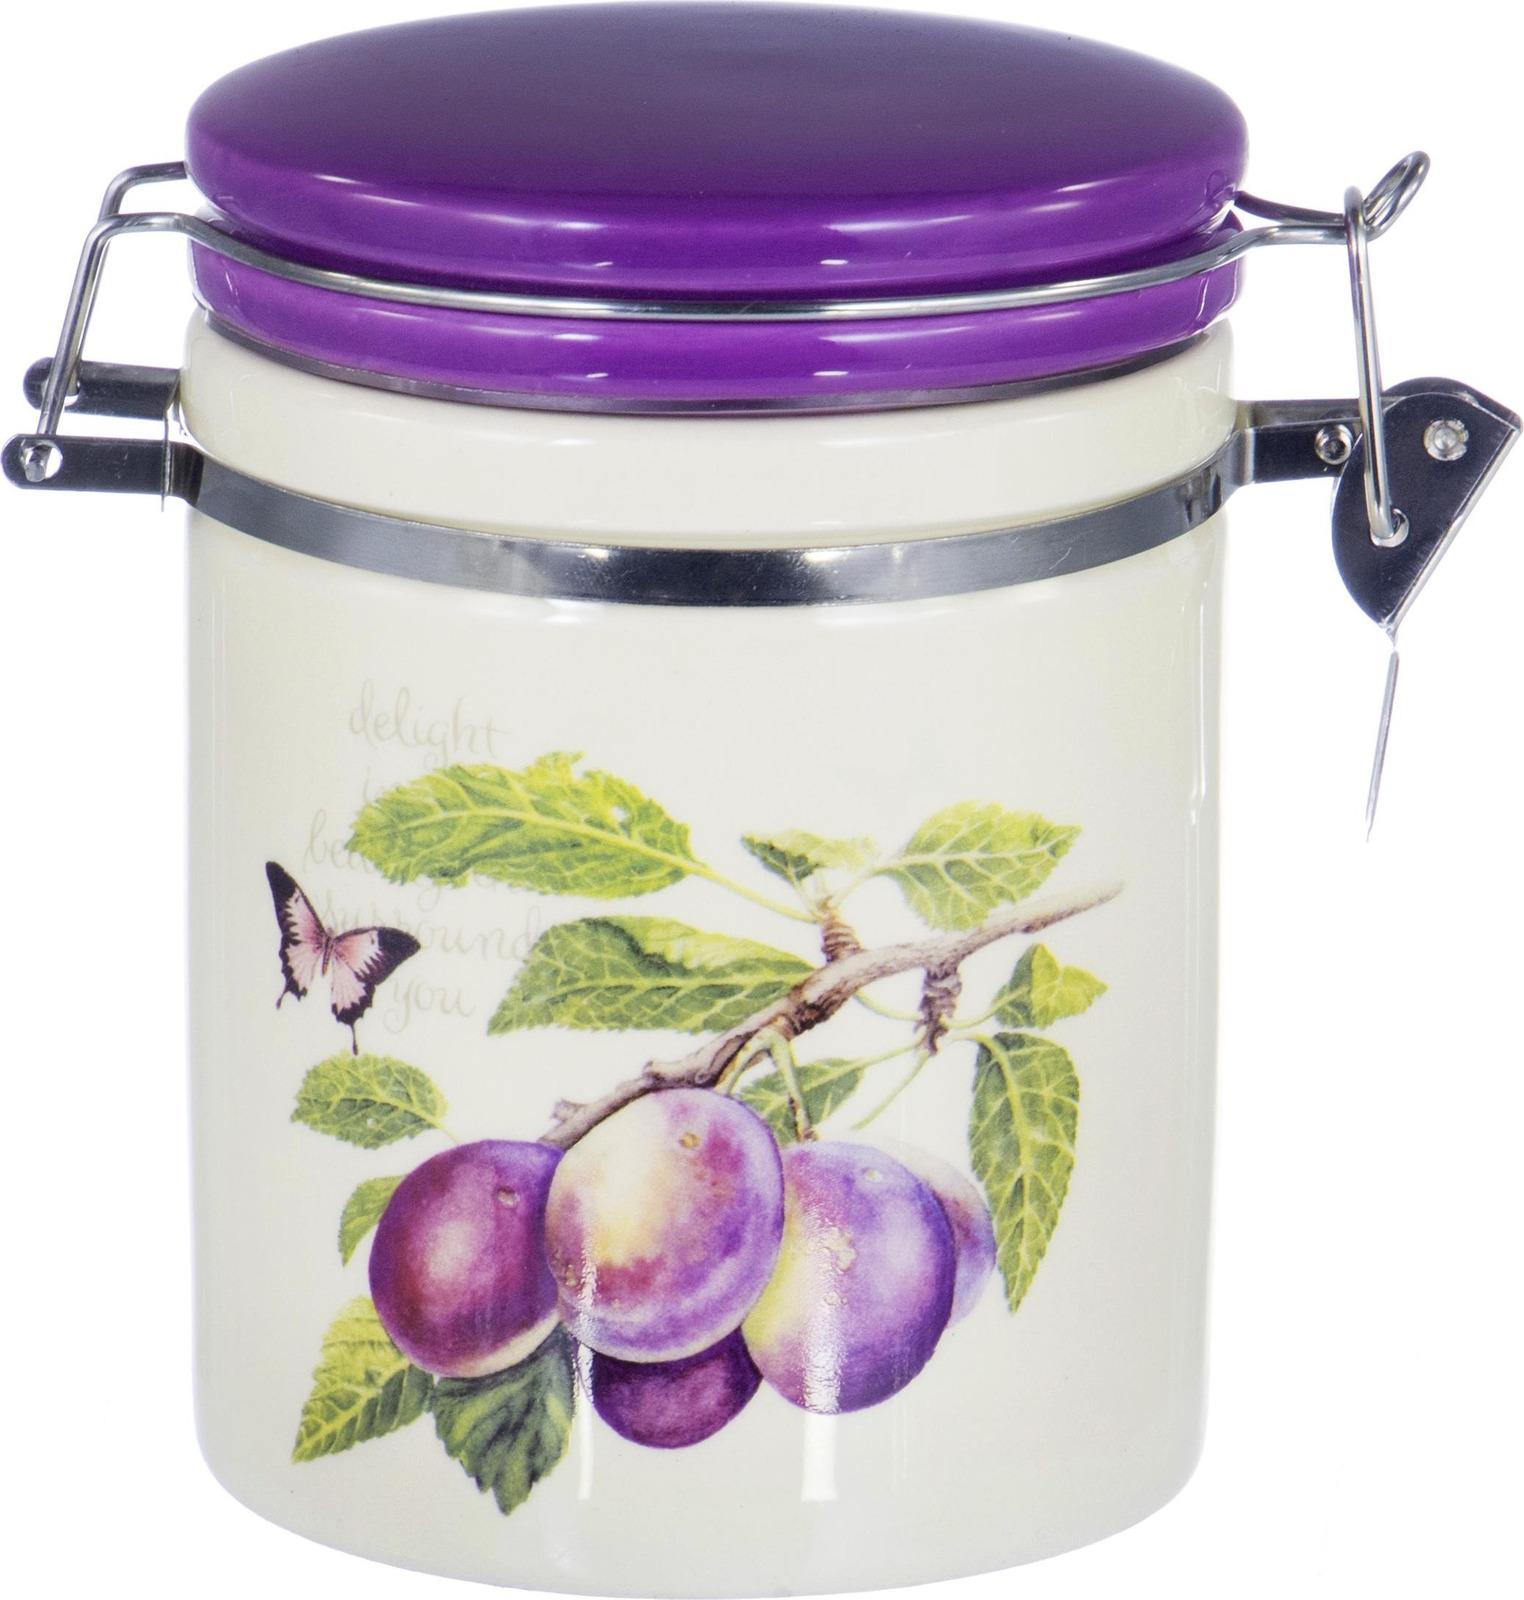 Банка для сыпучих продуктов Elrington Слива,  клипсой, цвет: фиолетовый, 730 мл